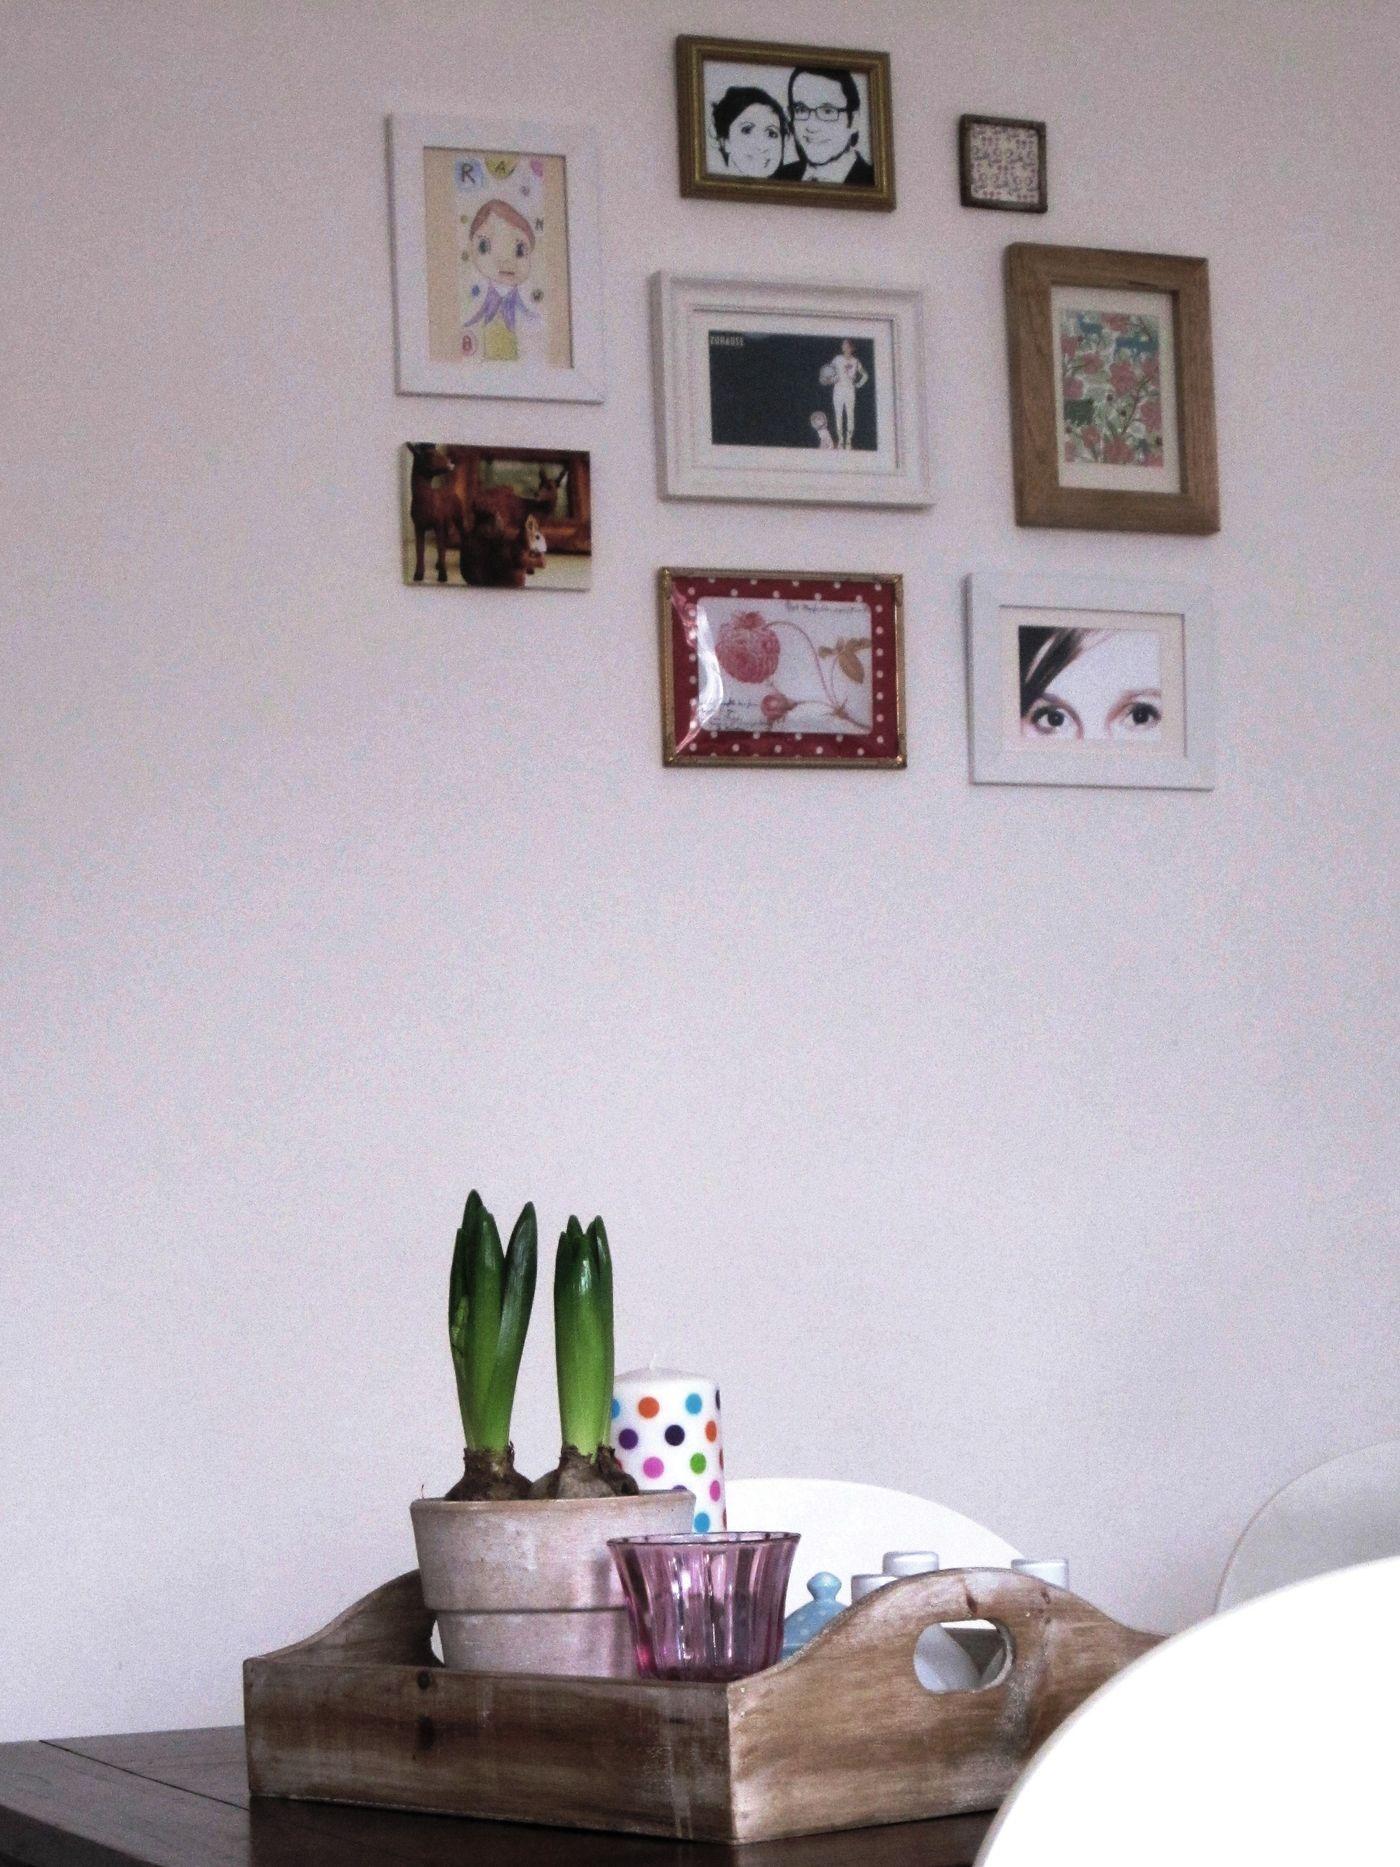 Bilderwand Im Wohnzimmer Bilderwand Wohnzimmer Ideen Fur Was